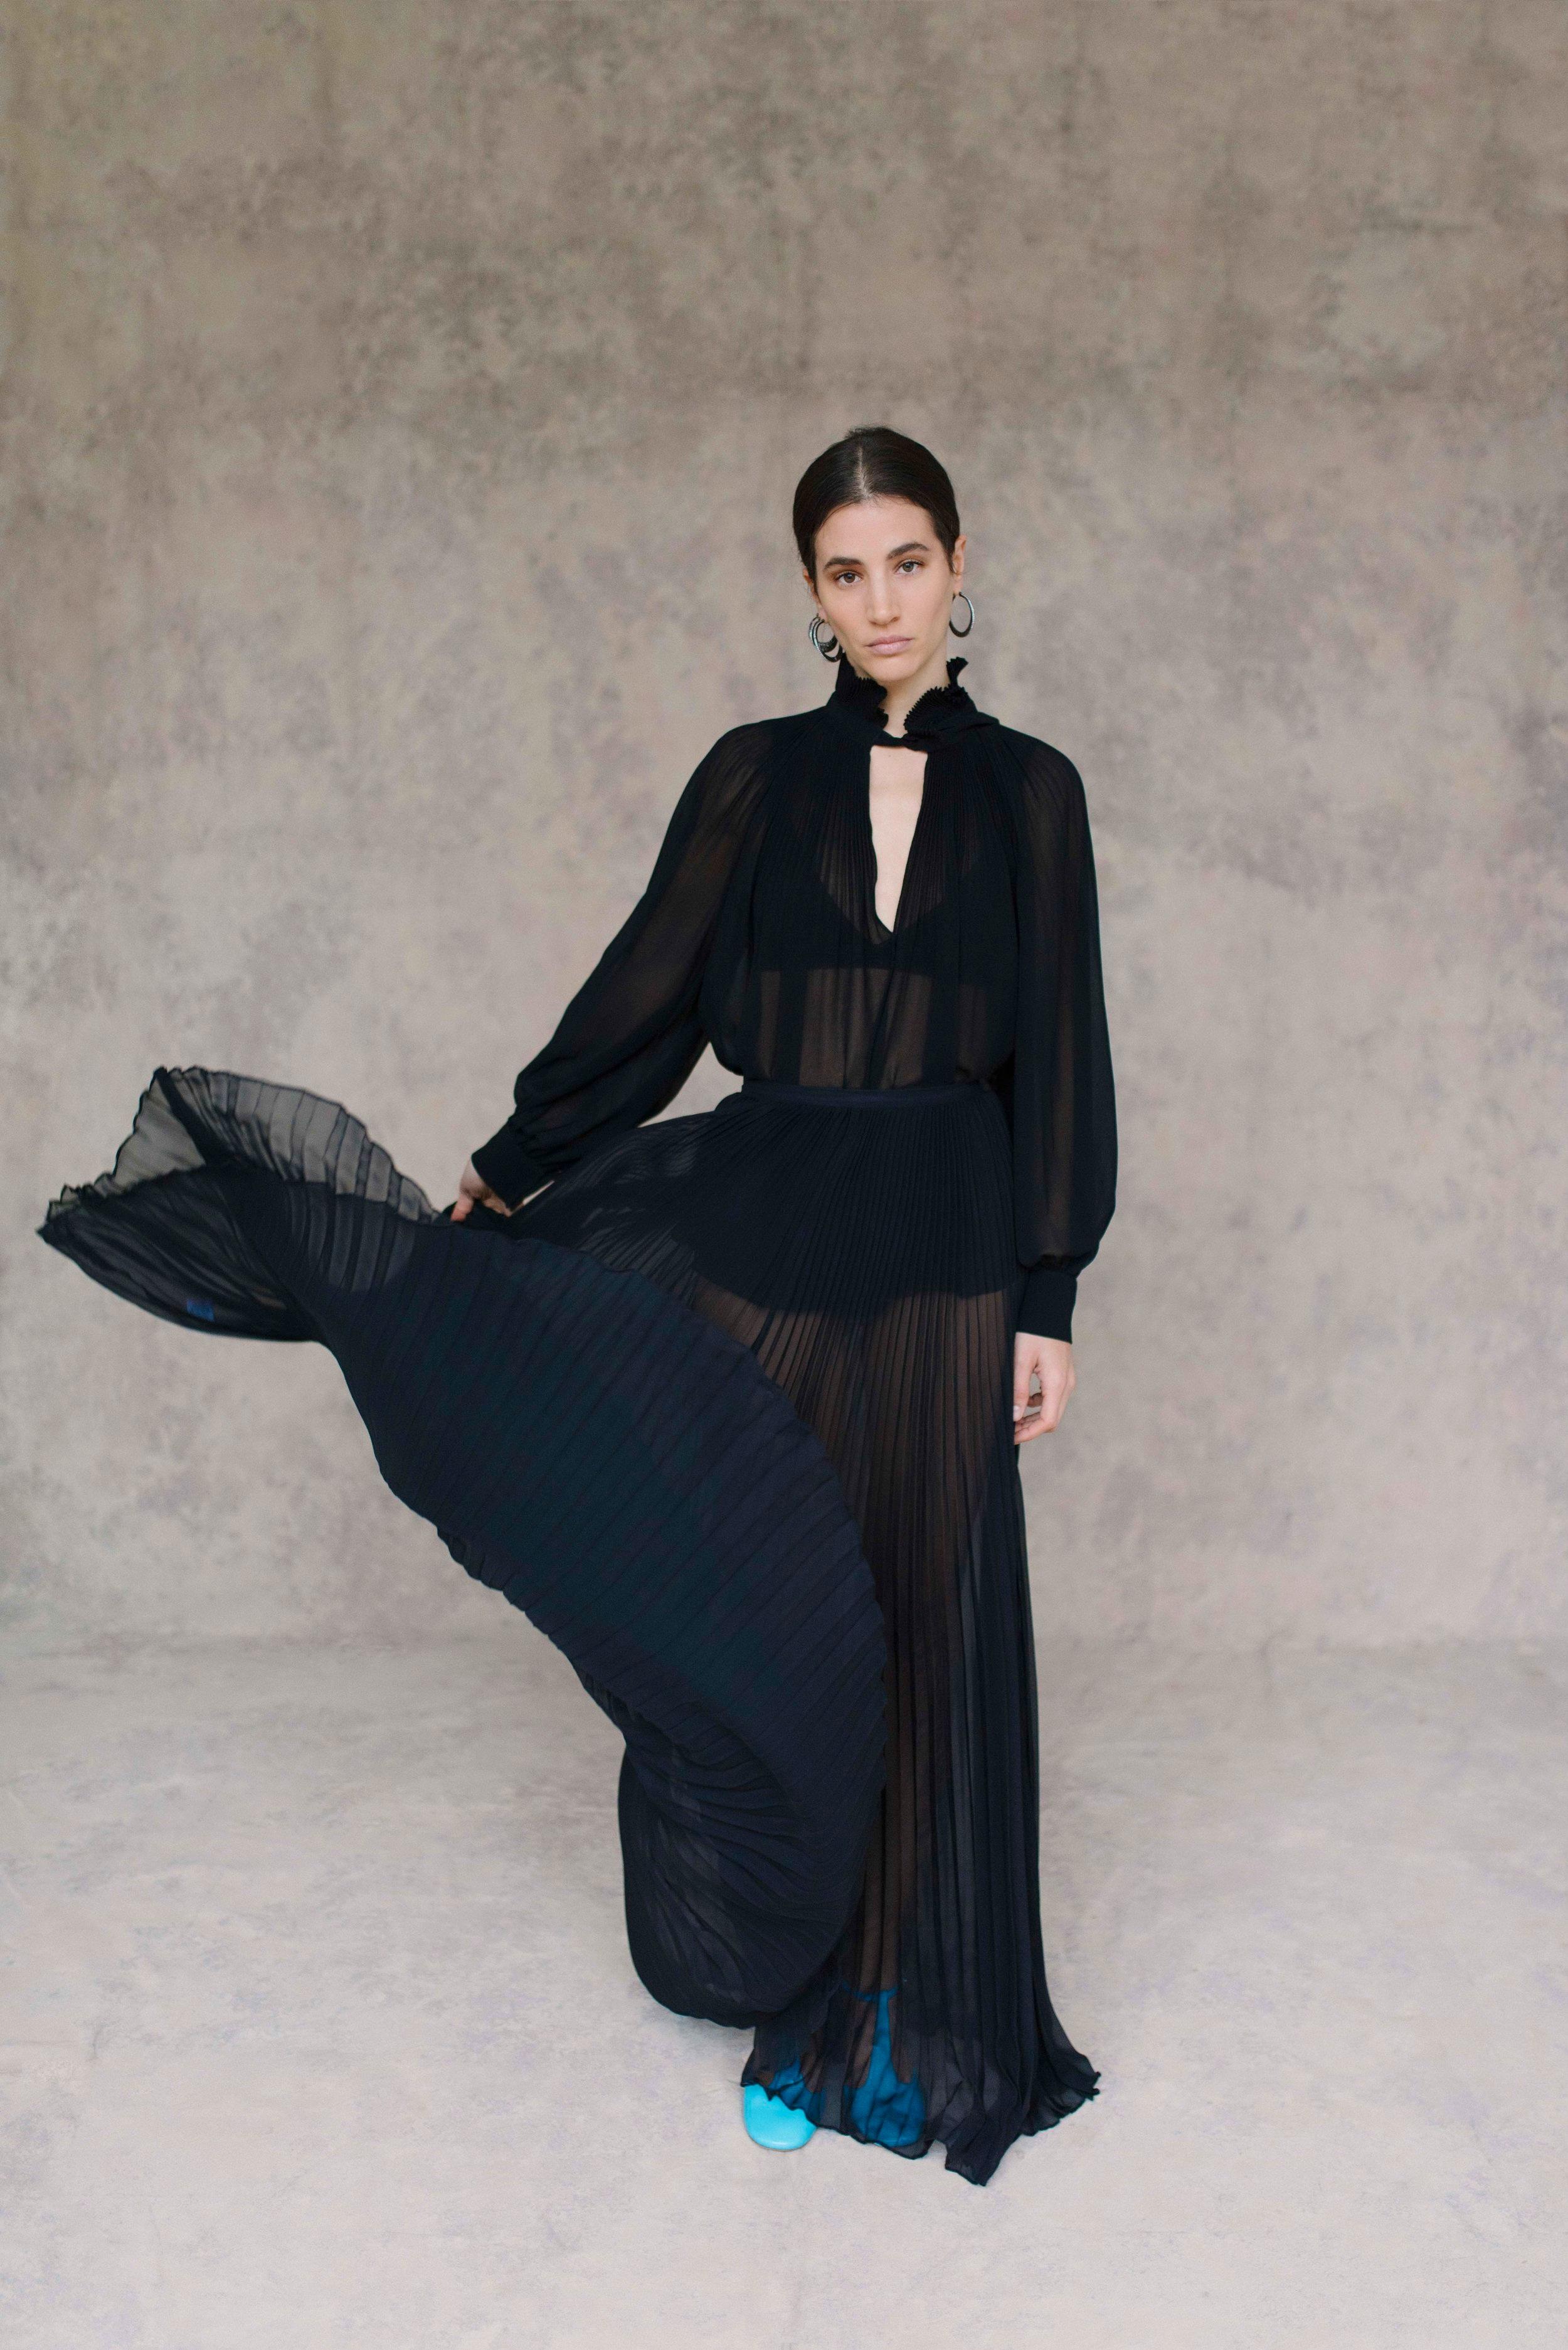 Elisa Lasowski for Amazing magazine